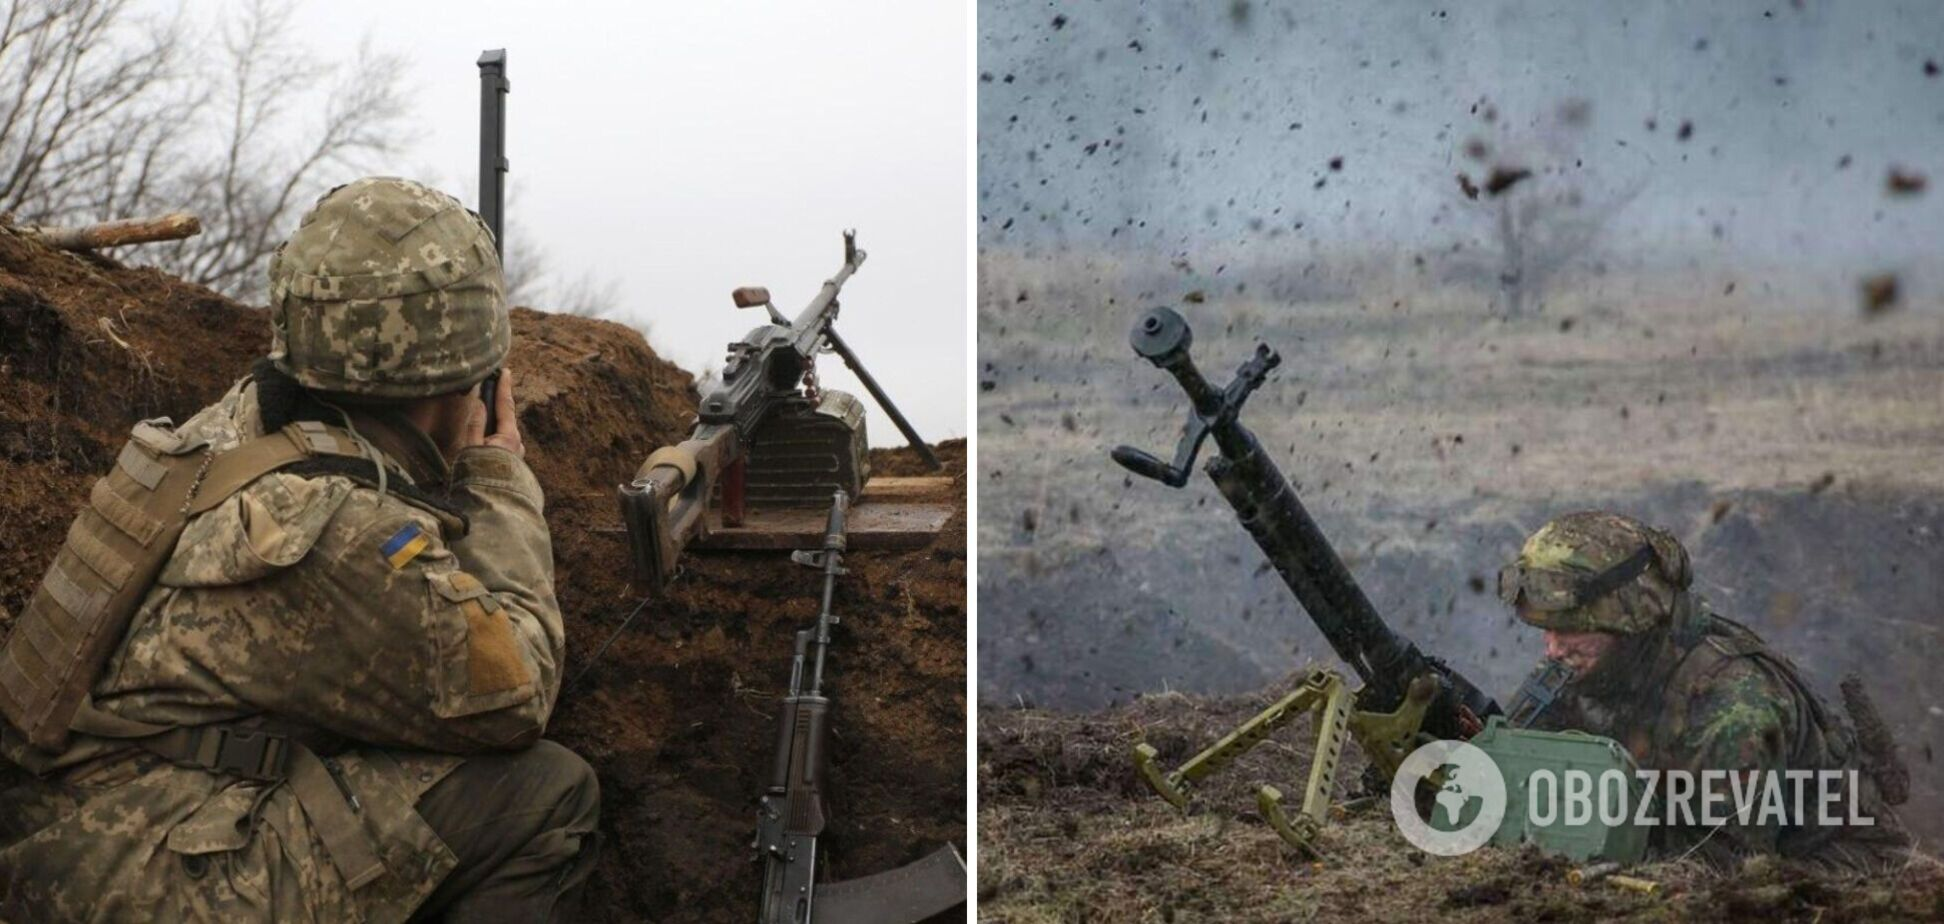 Російські найманці на Донбасі обстріляли позиції ЗСУ, загинув український захисник – штаб ООС